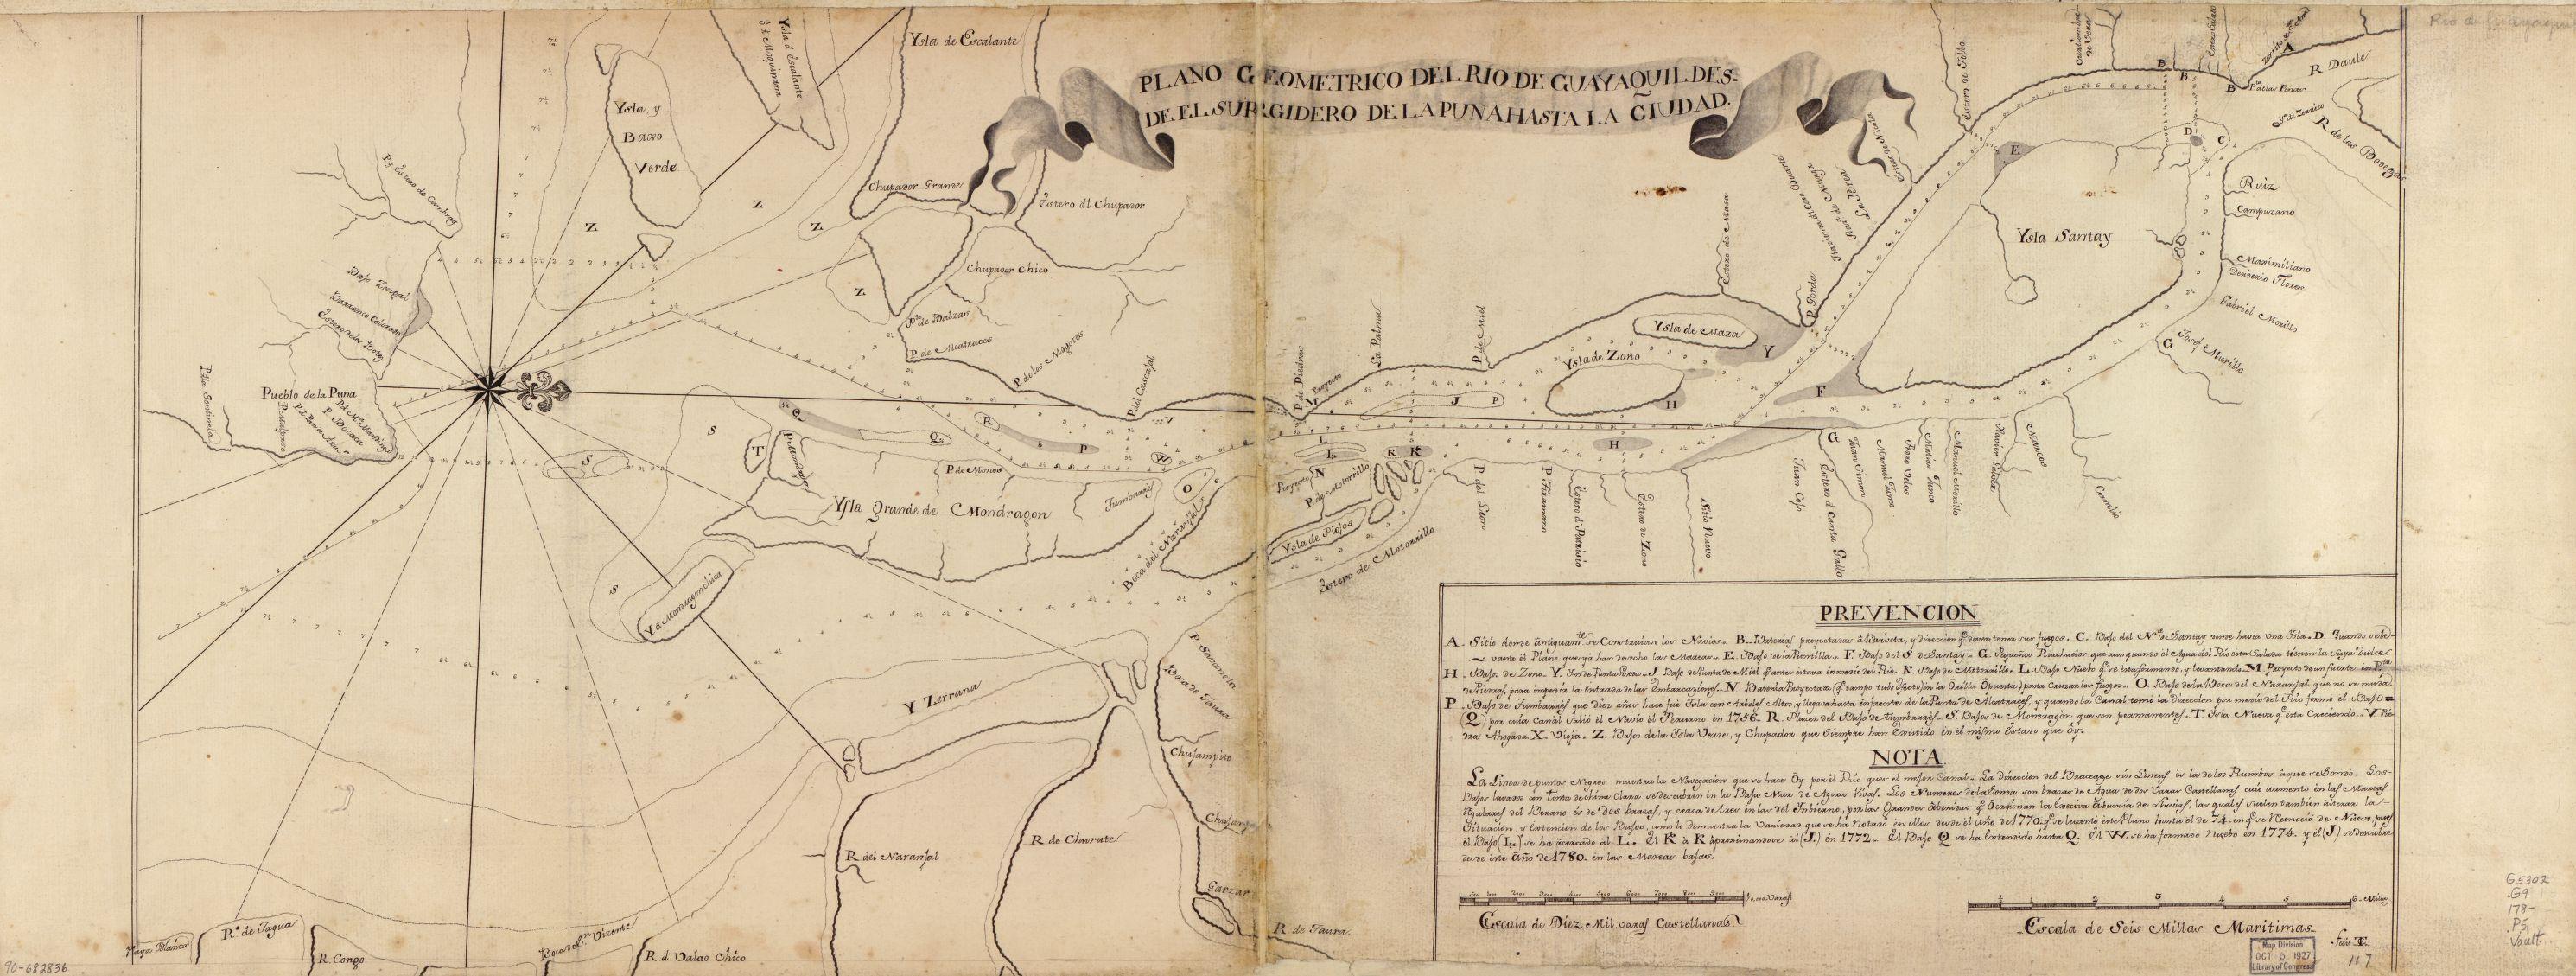 Plano geométrico del Río Guayaquil desde el surgidero de la punta hasta la ciudad